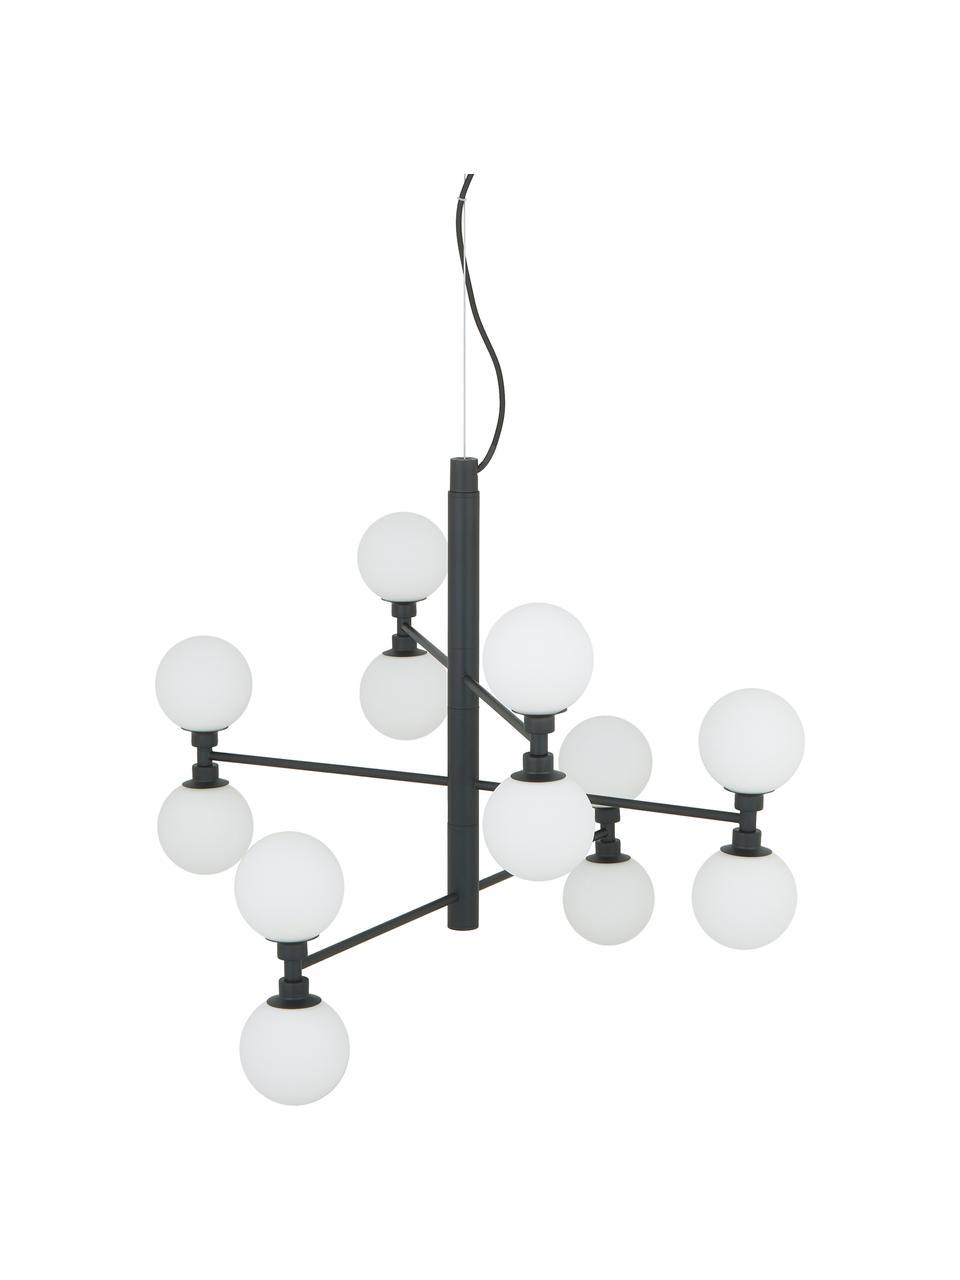 Lampada a sospensione con sfere di vetro Grover, Baldacchino: metallo verniciato a polv, Paralume: vetro opale, Nero, bianco, Ø 70 x Alt. 56 cm